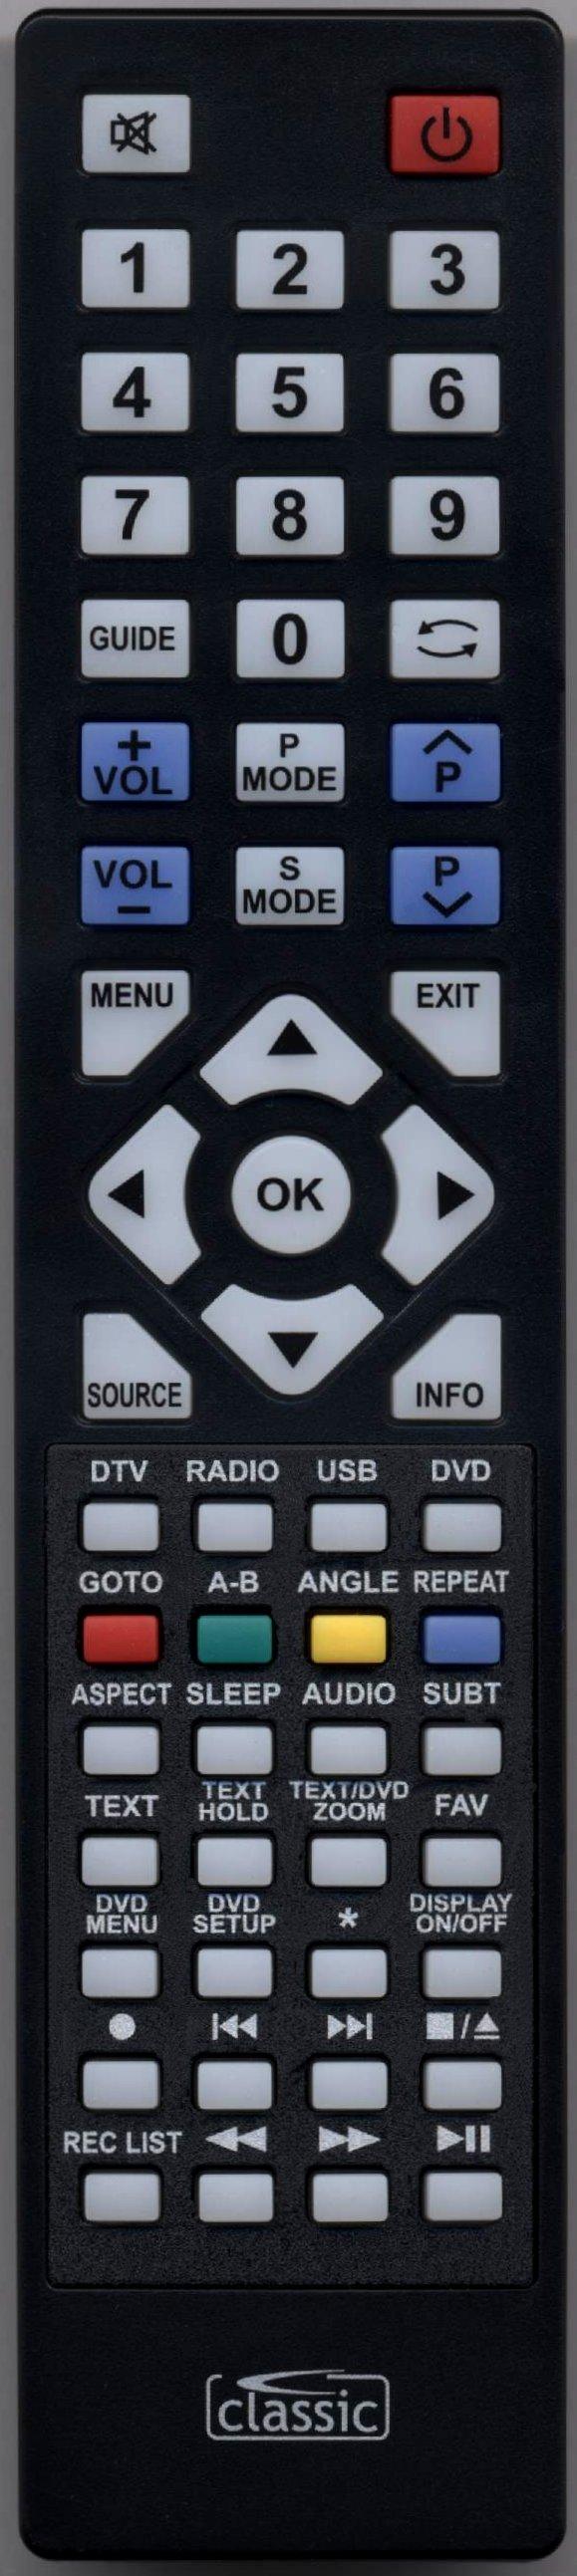 Blaupunkt 32148IGB5B2HKUPUK Remote Control